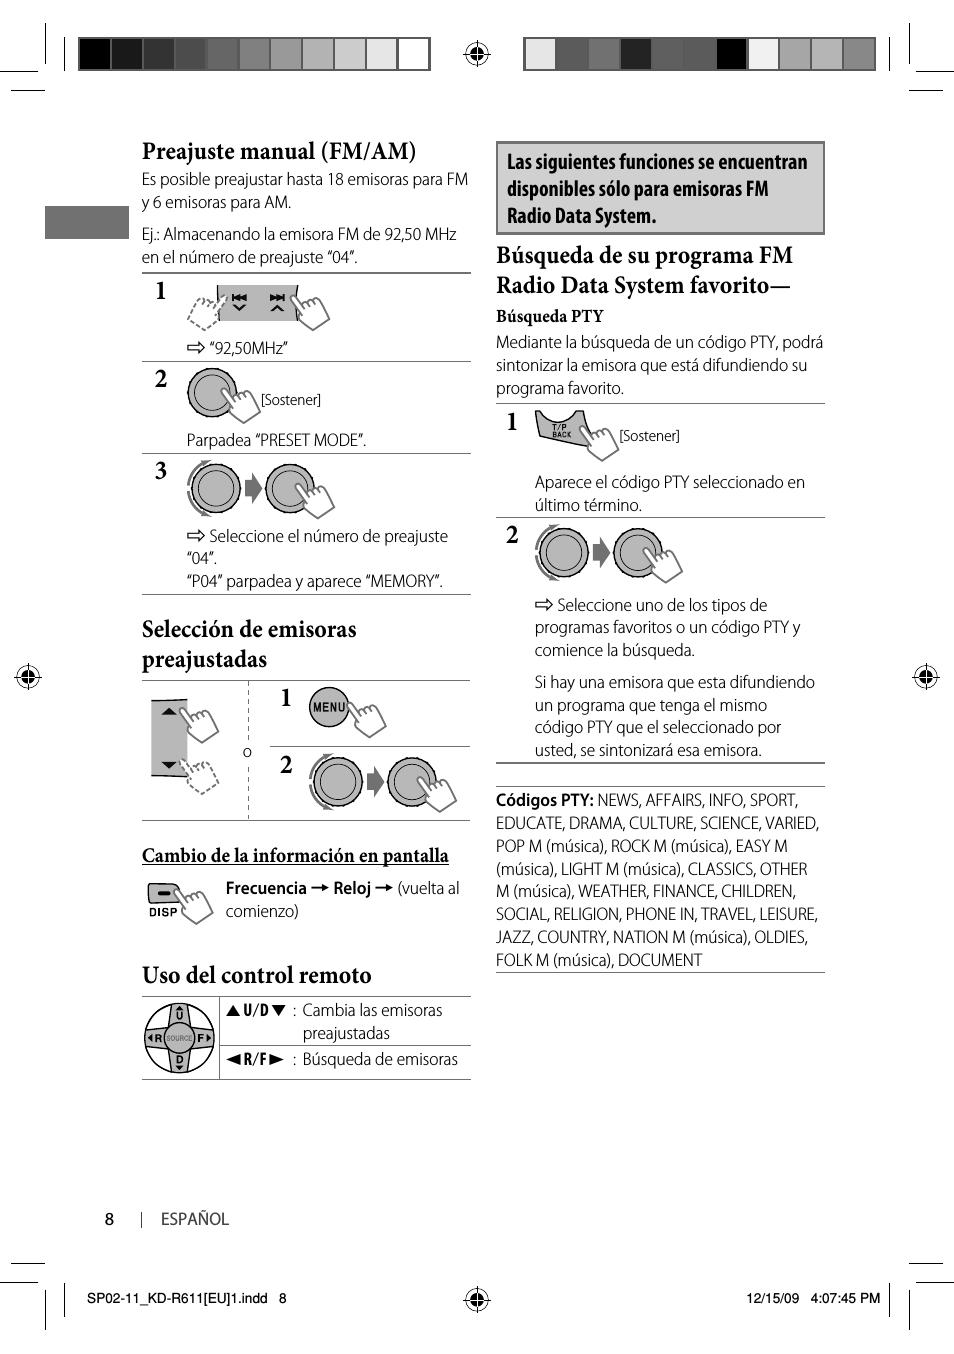 Preajuste manual (fm/am), Selección de emisoras preajustadas, Uso del control remoto